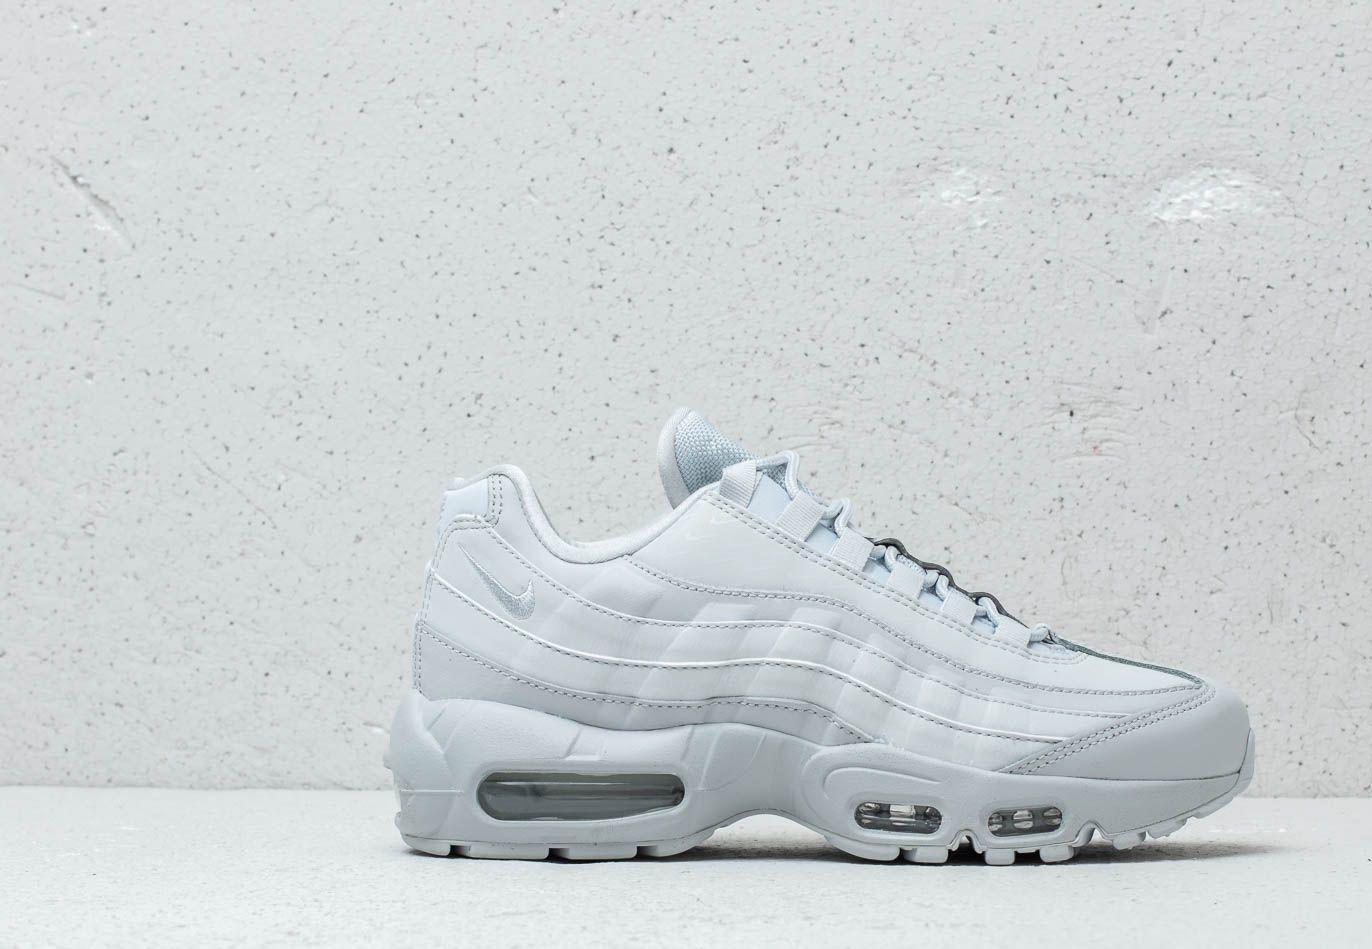 Nike Wmns Air Max 95 Lx Pure Platinum/ Pure Platinum in White